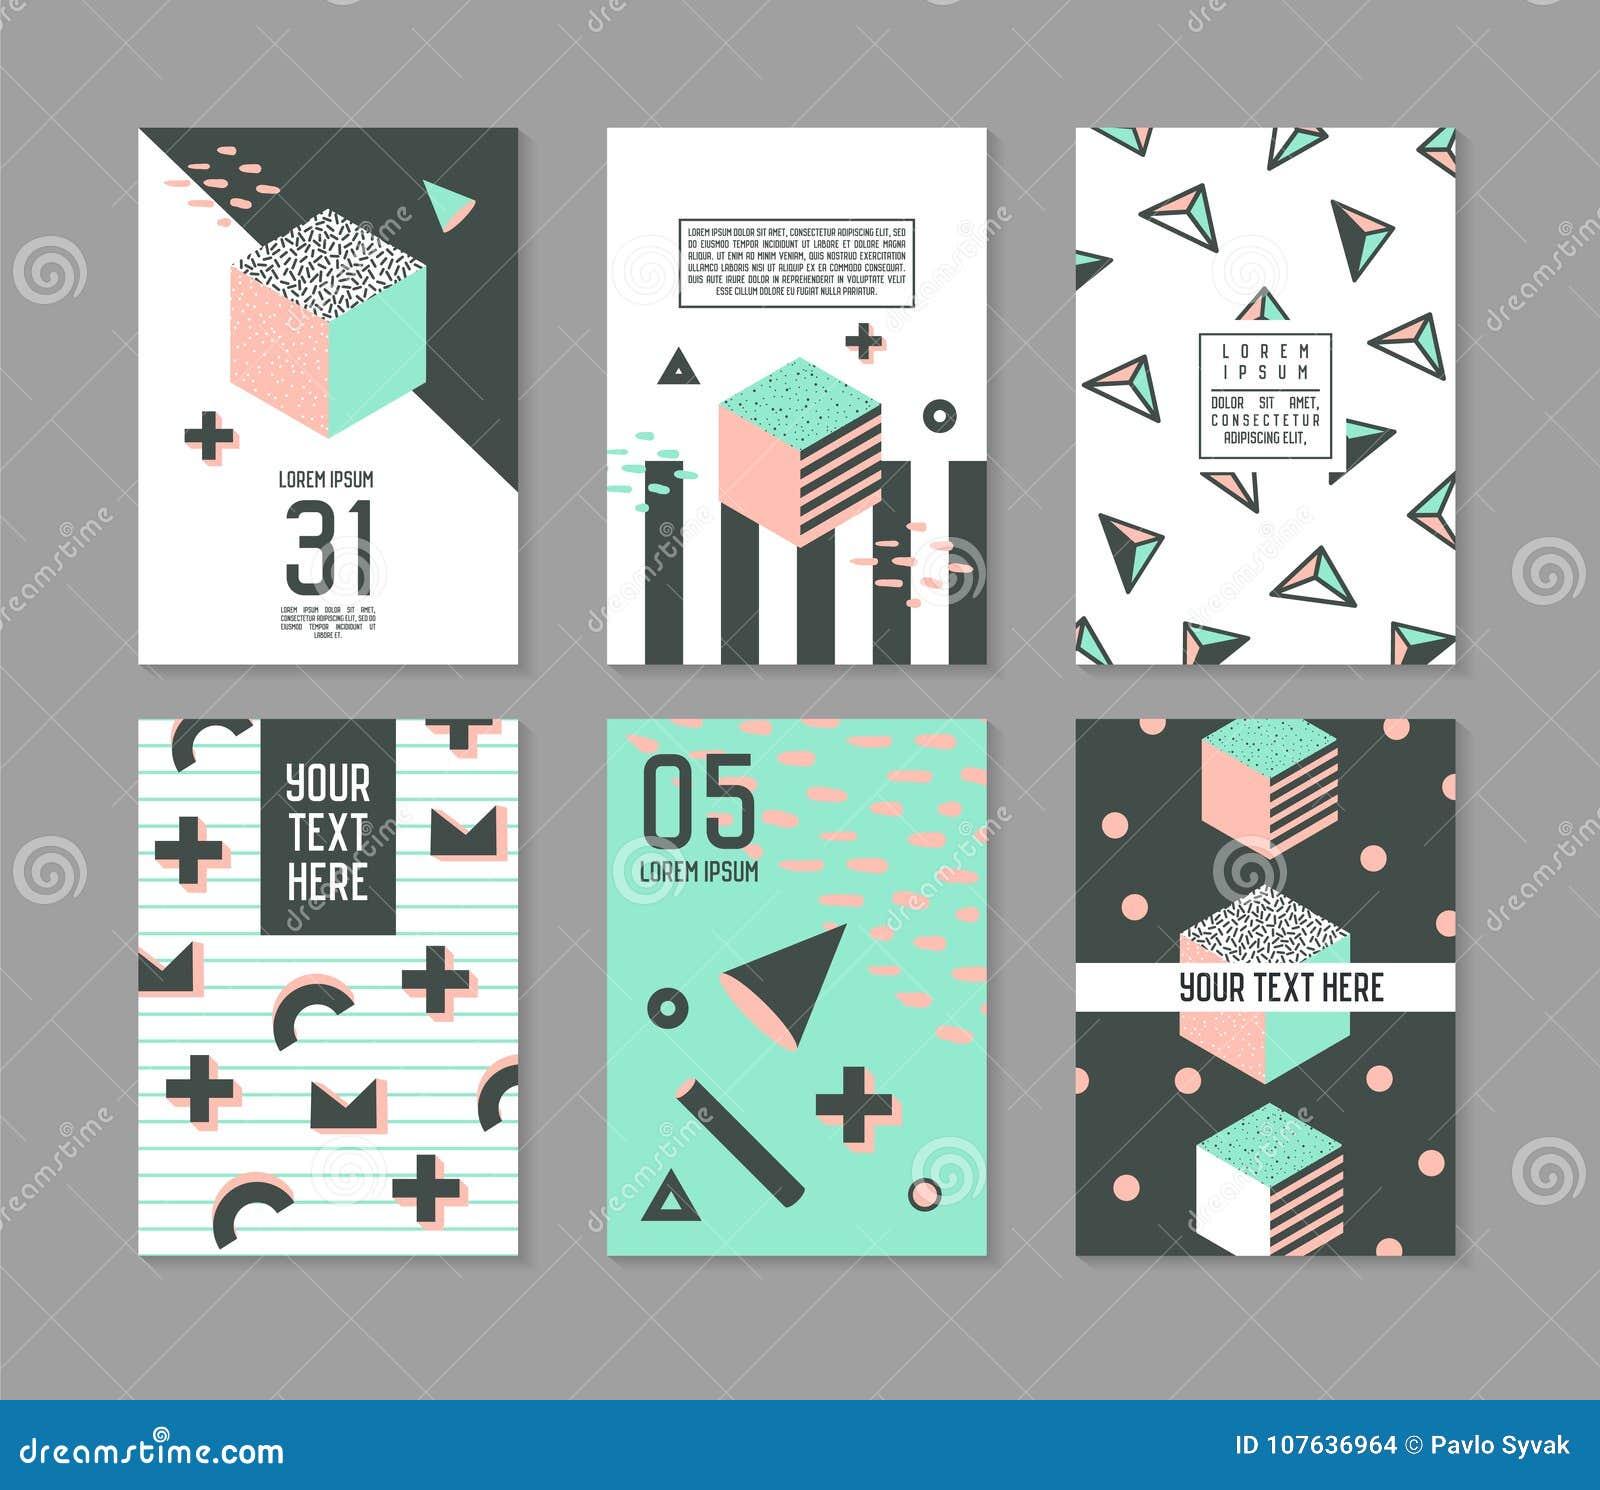 Plantillas de Memphis Style Geometric Elements Poster fijadas La moda abstracta 80s 90s del inconformista carda banderas del foll